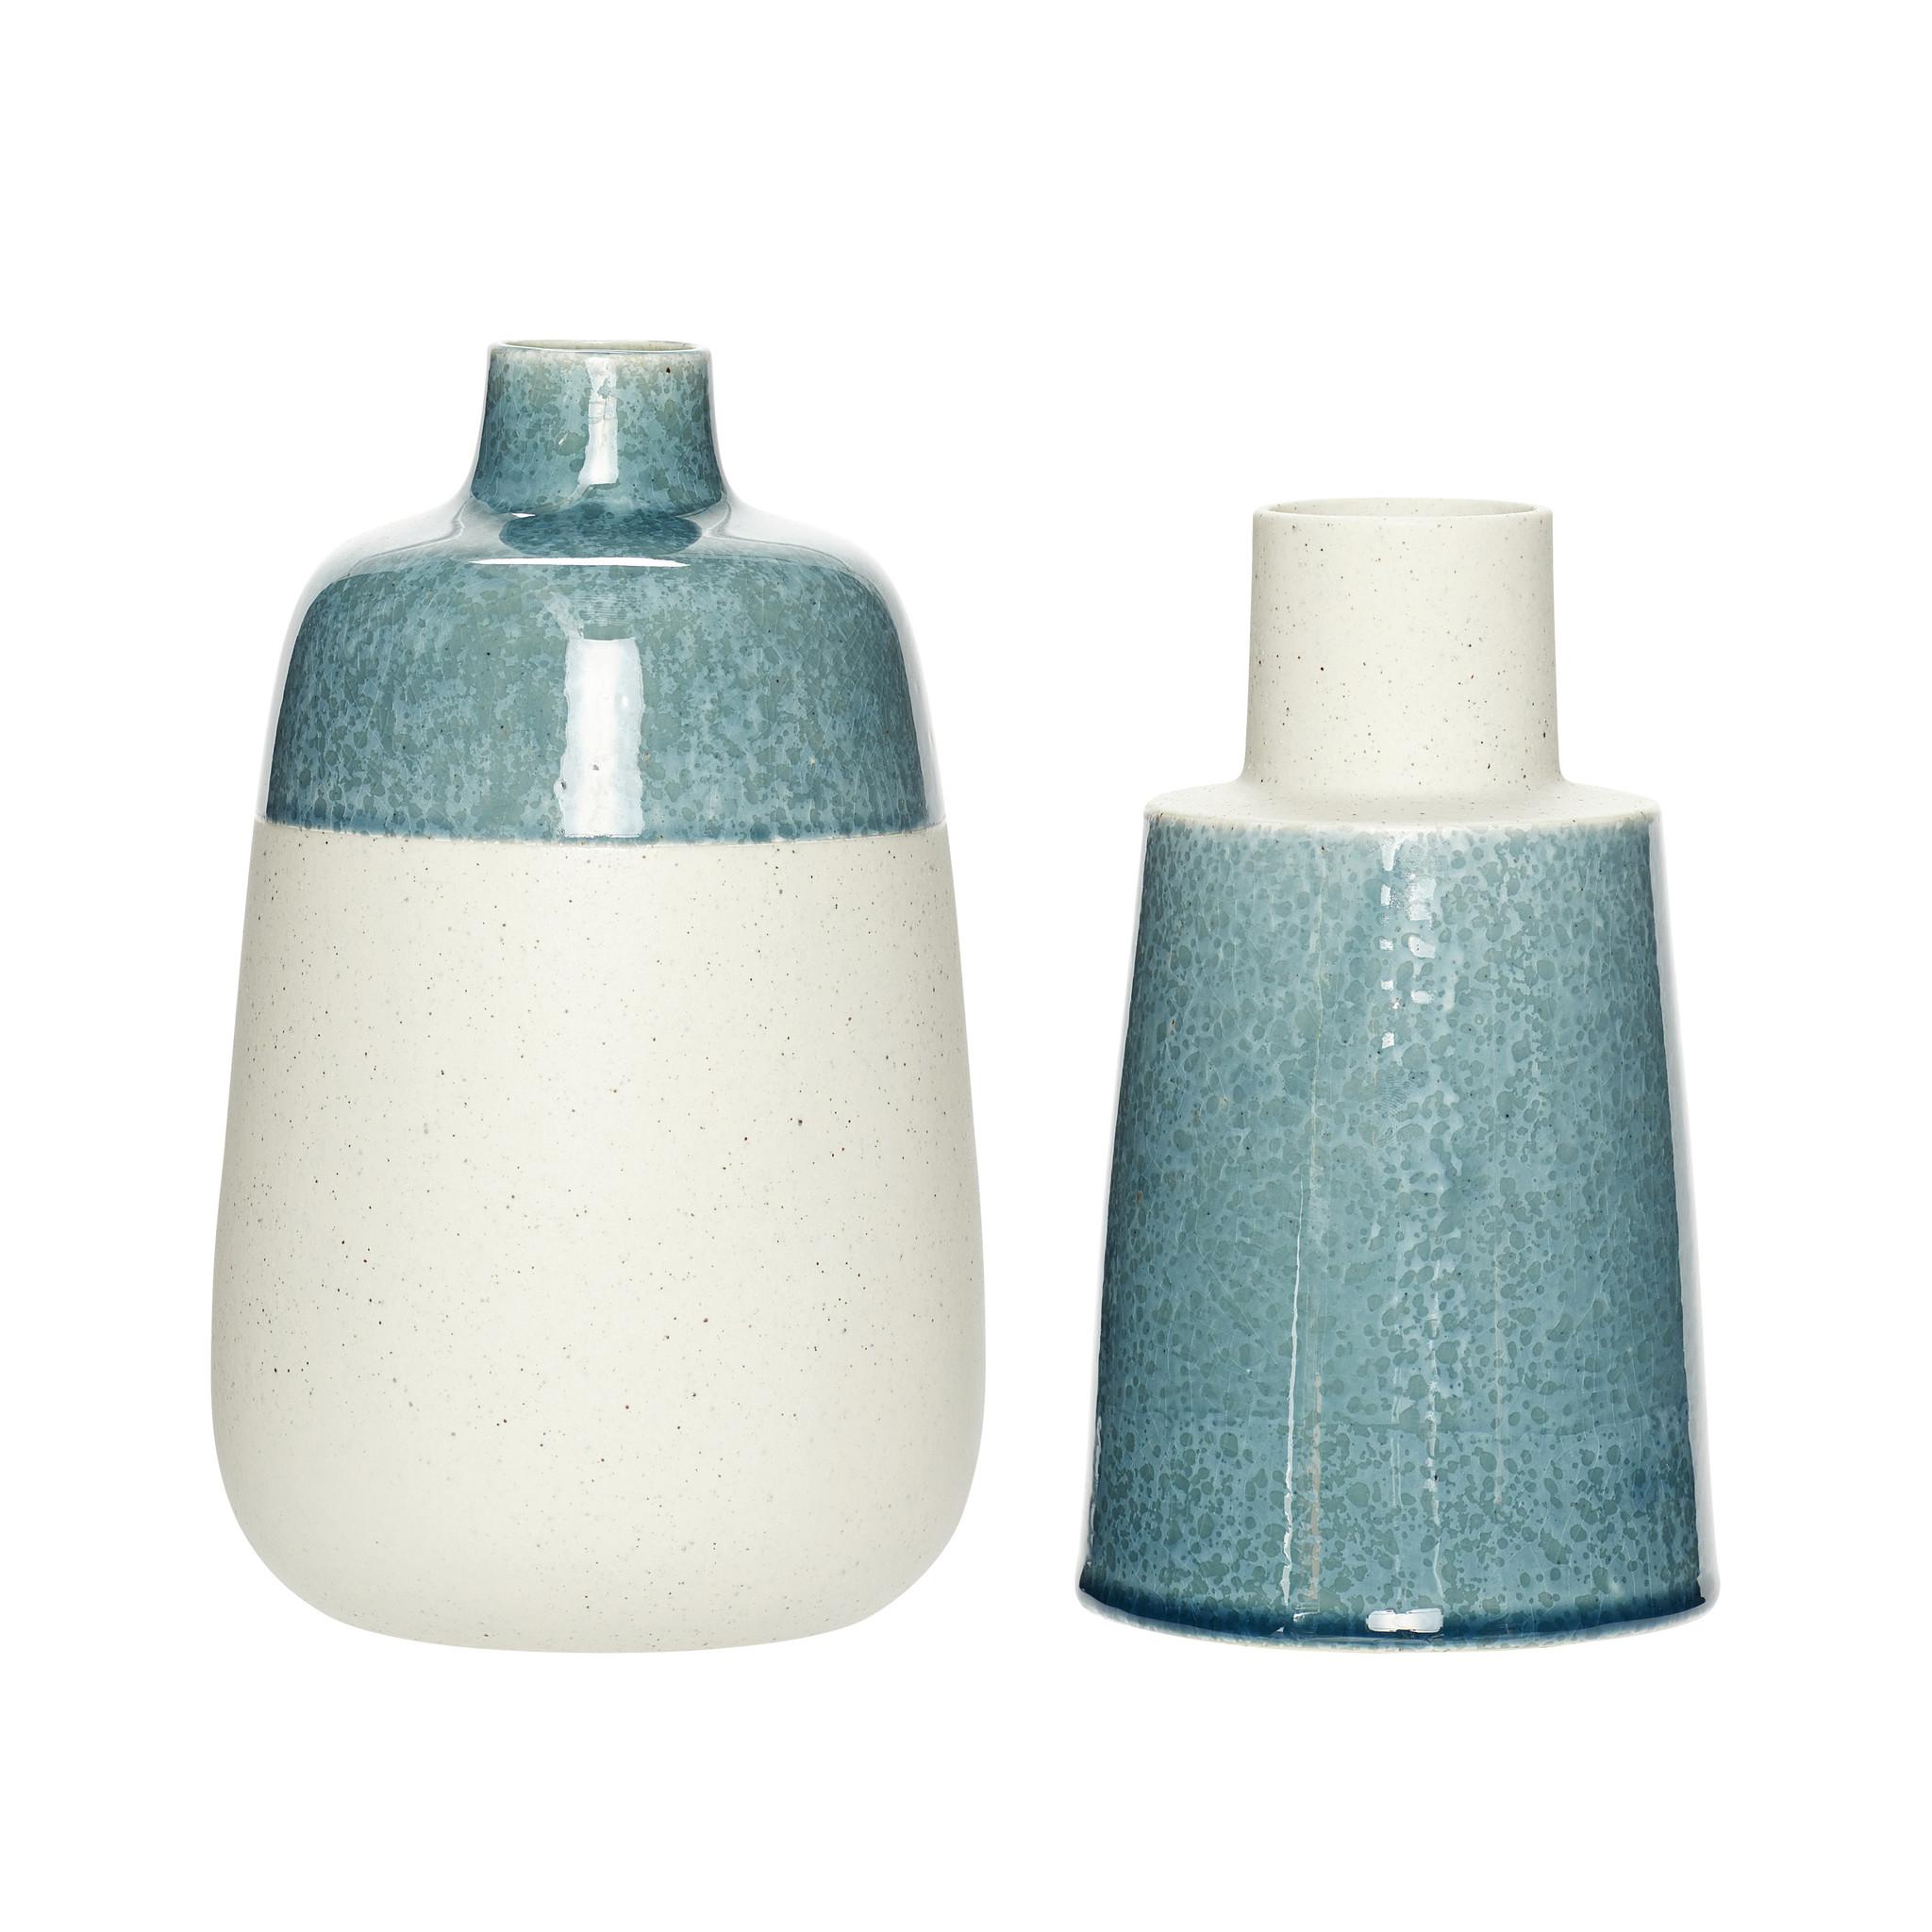 Hubsch Vaas, porselein, zand / blauw, set van 2-800501-5712772058435